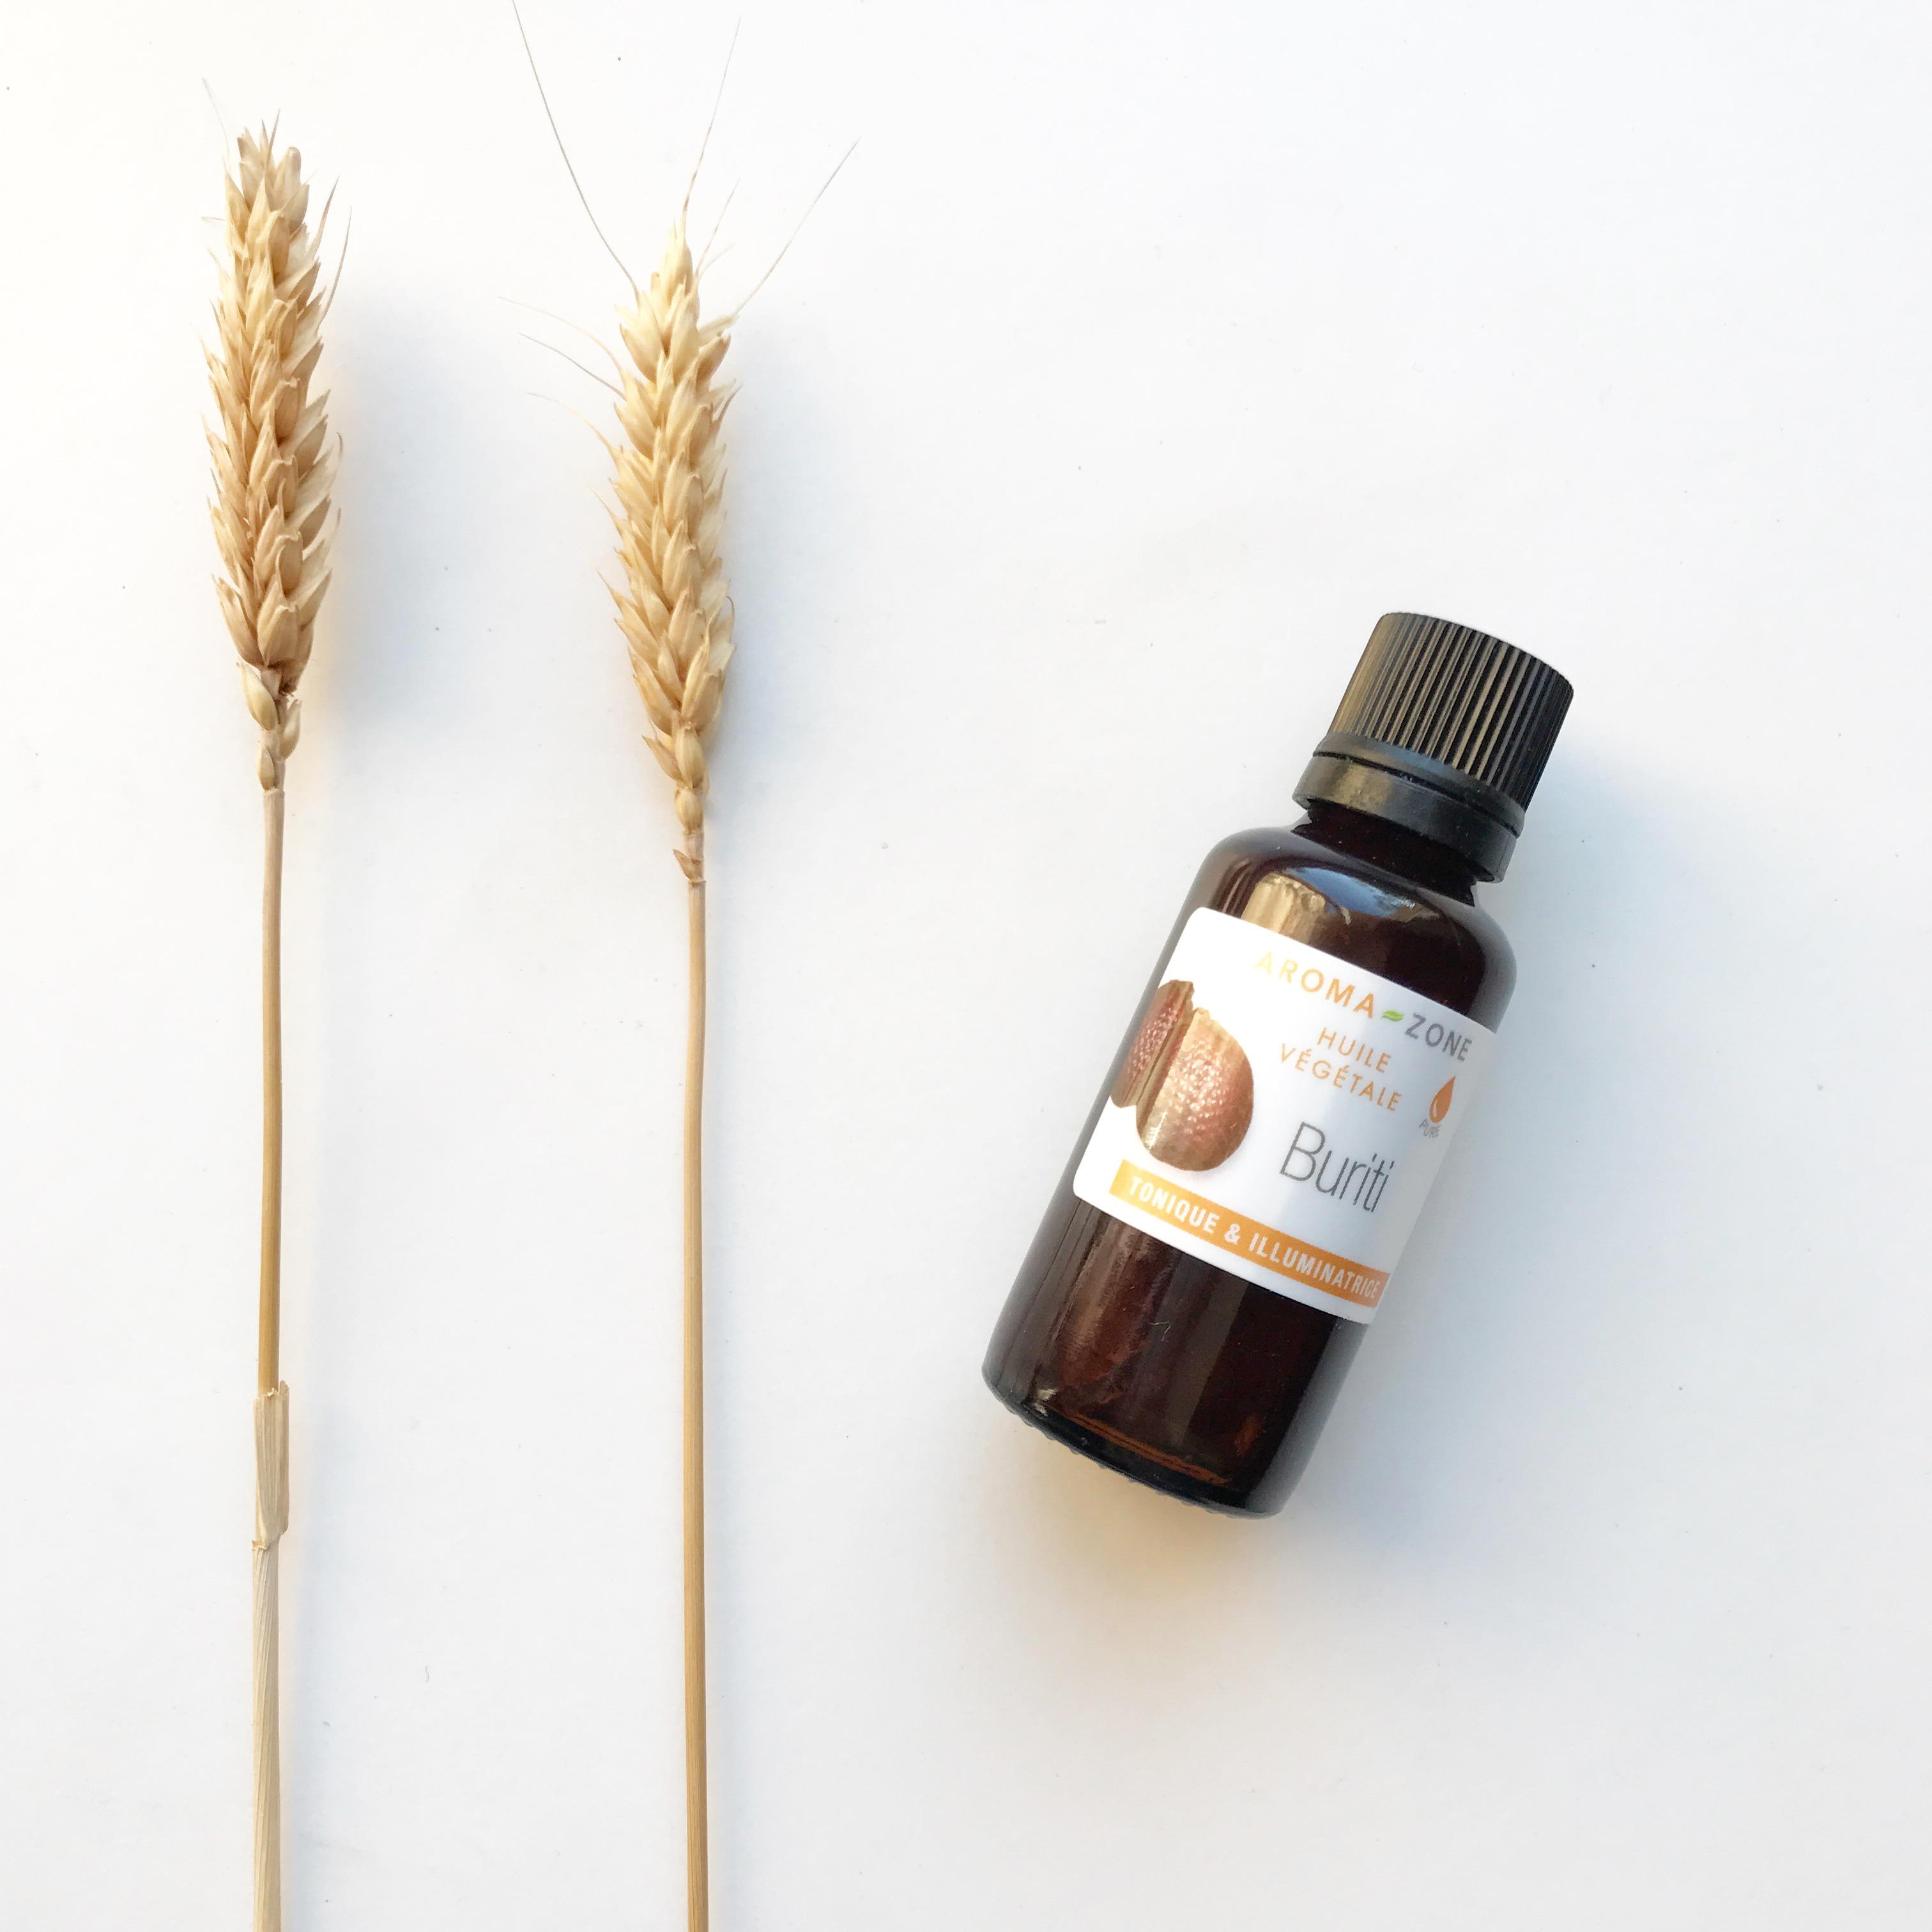 buriti huile végétale